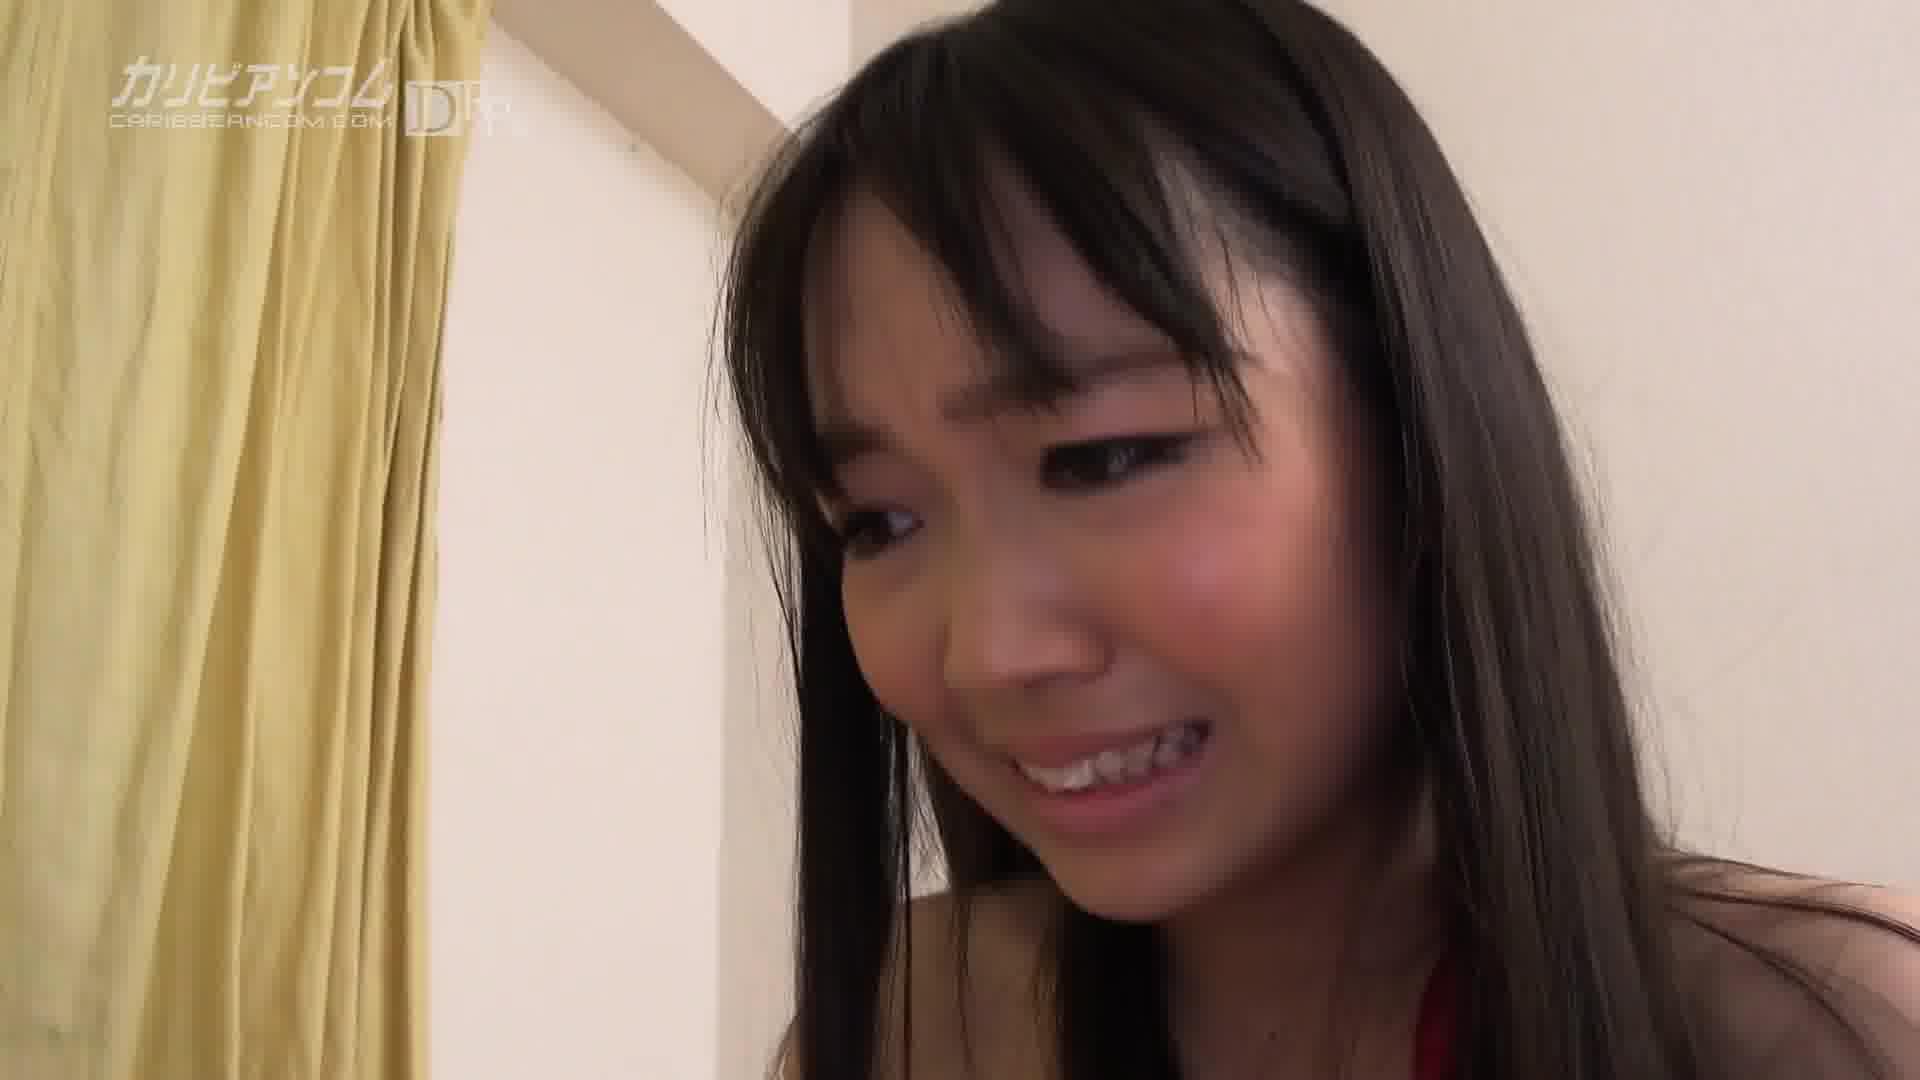 放課後に、仕込んでください ~気持ちいのをおぼえちゃったほぼ処女優等生~ - さくら杏【制服・パイパン・中出し】